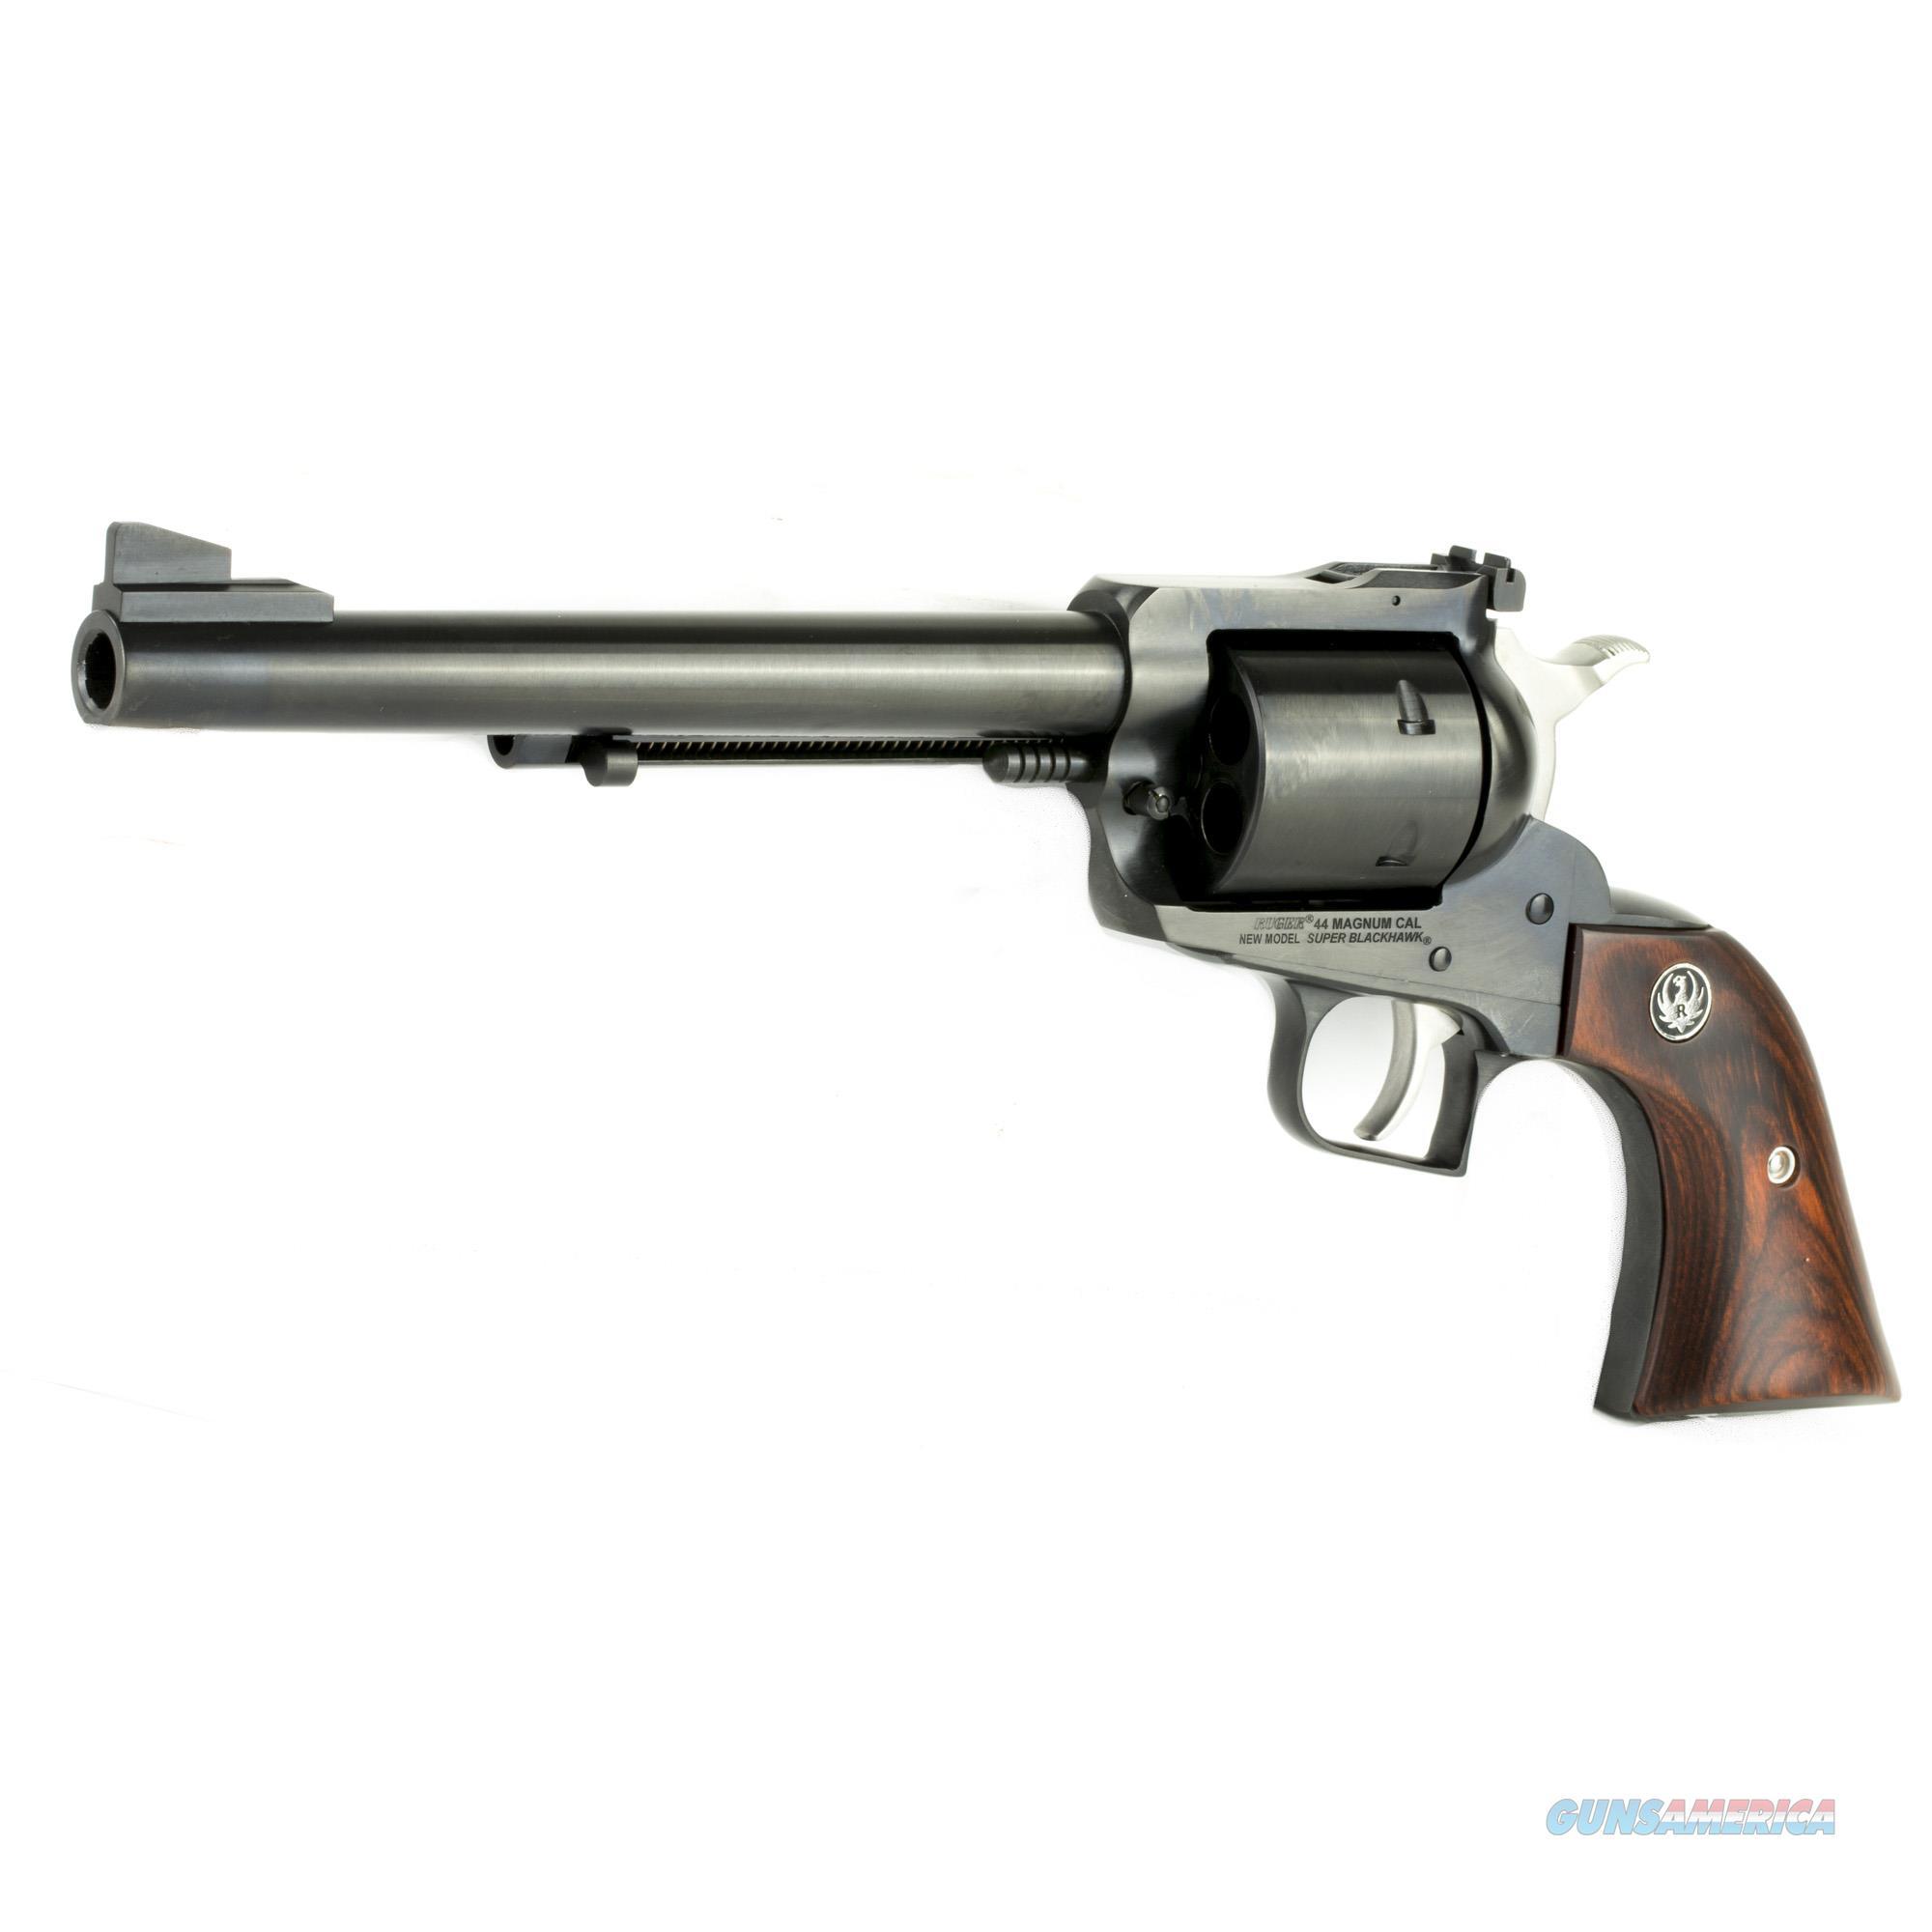 """Ruger Super Blackhawk .44 Magnum 7.5"""" 6 Shot Hardwood Grip - New in Box  Guns > Pistols > Ruger Single Action Revolvers > Blackhawk Type"""